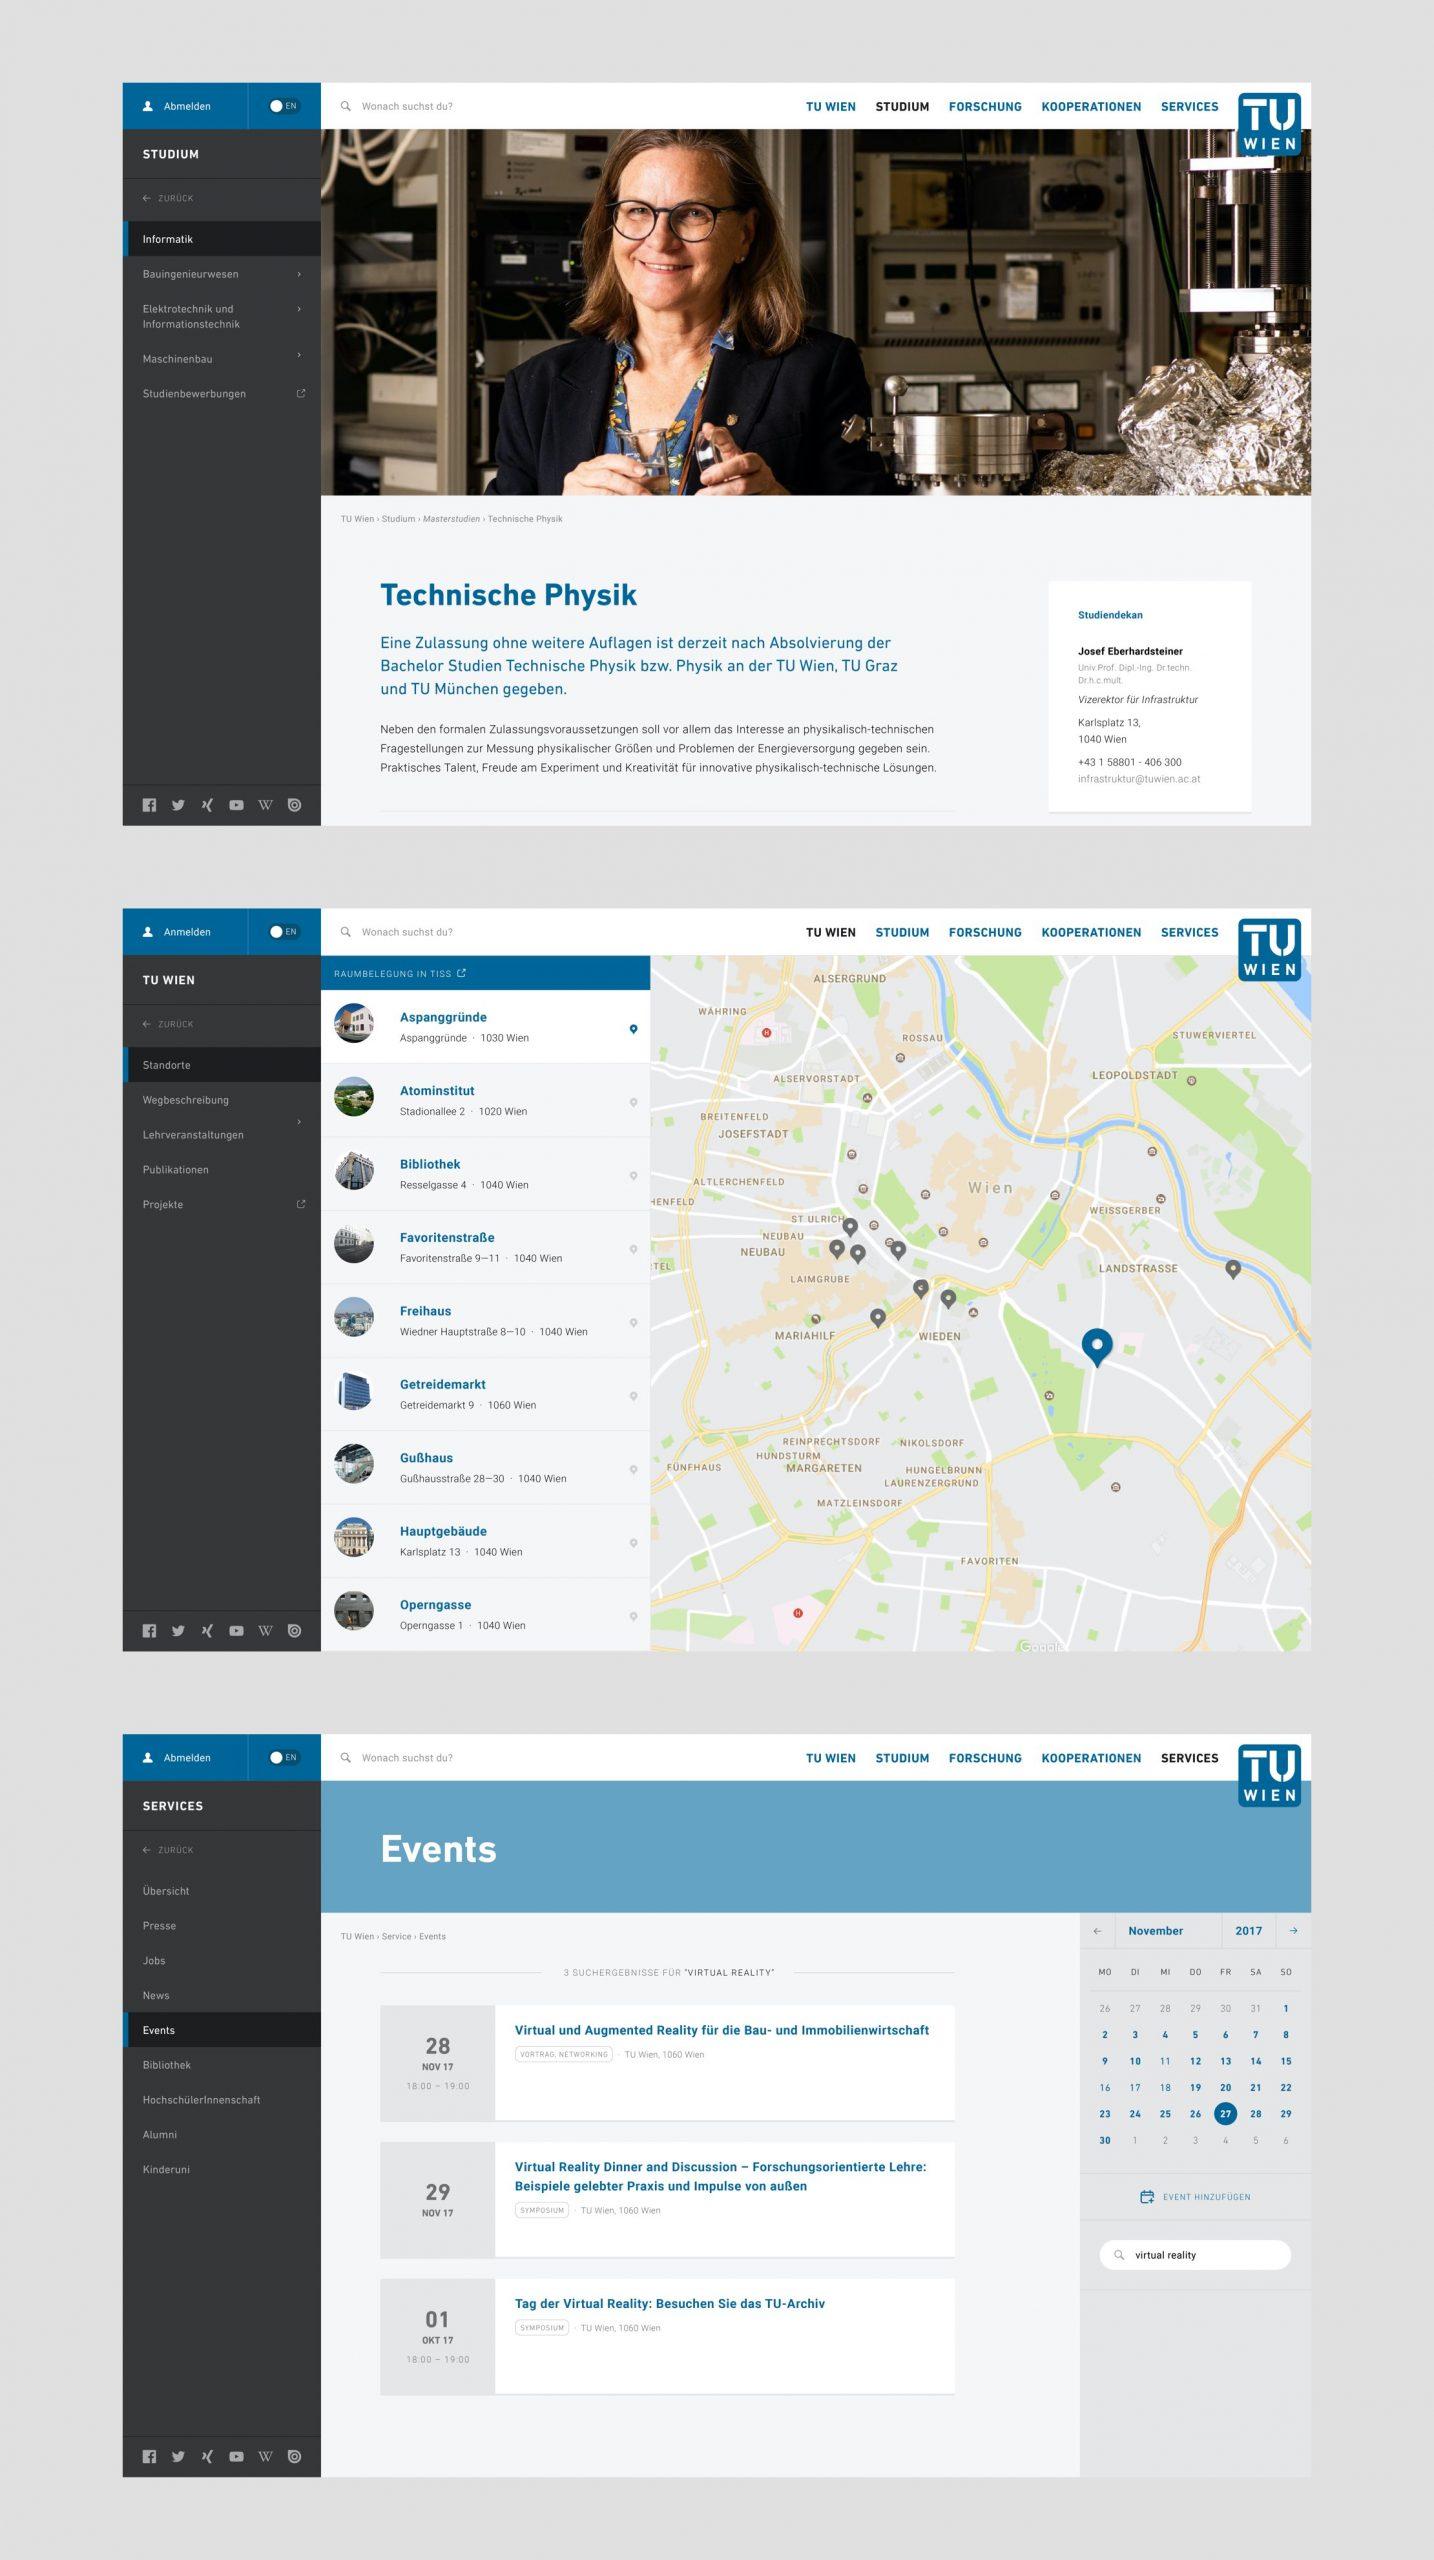 Drei Screenshots der TU Wien Website Informationsseite Technische Physik, Lageplan der TU Wien Gebäude und Event-Übersichtsseite